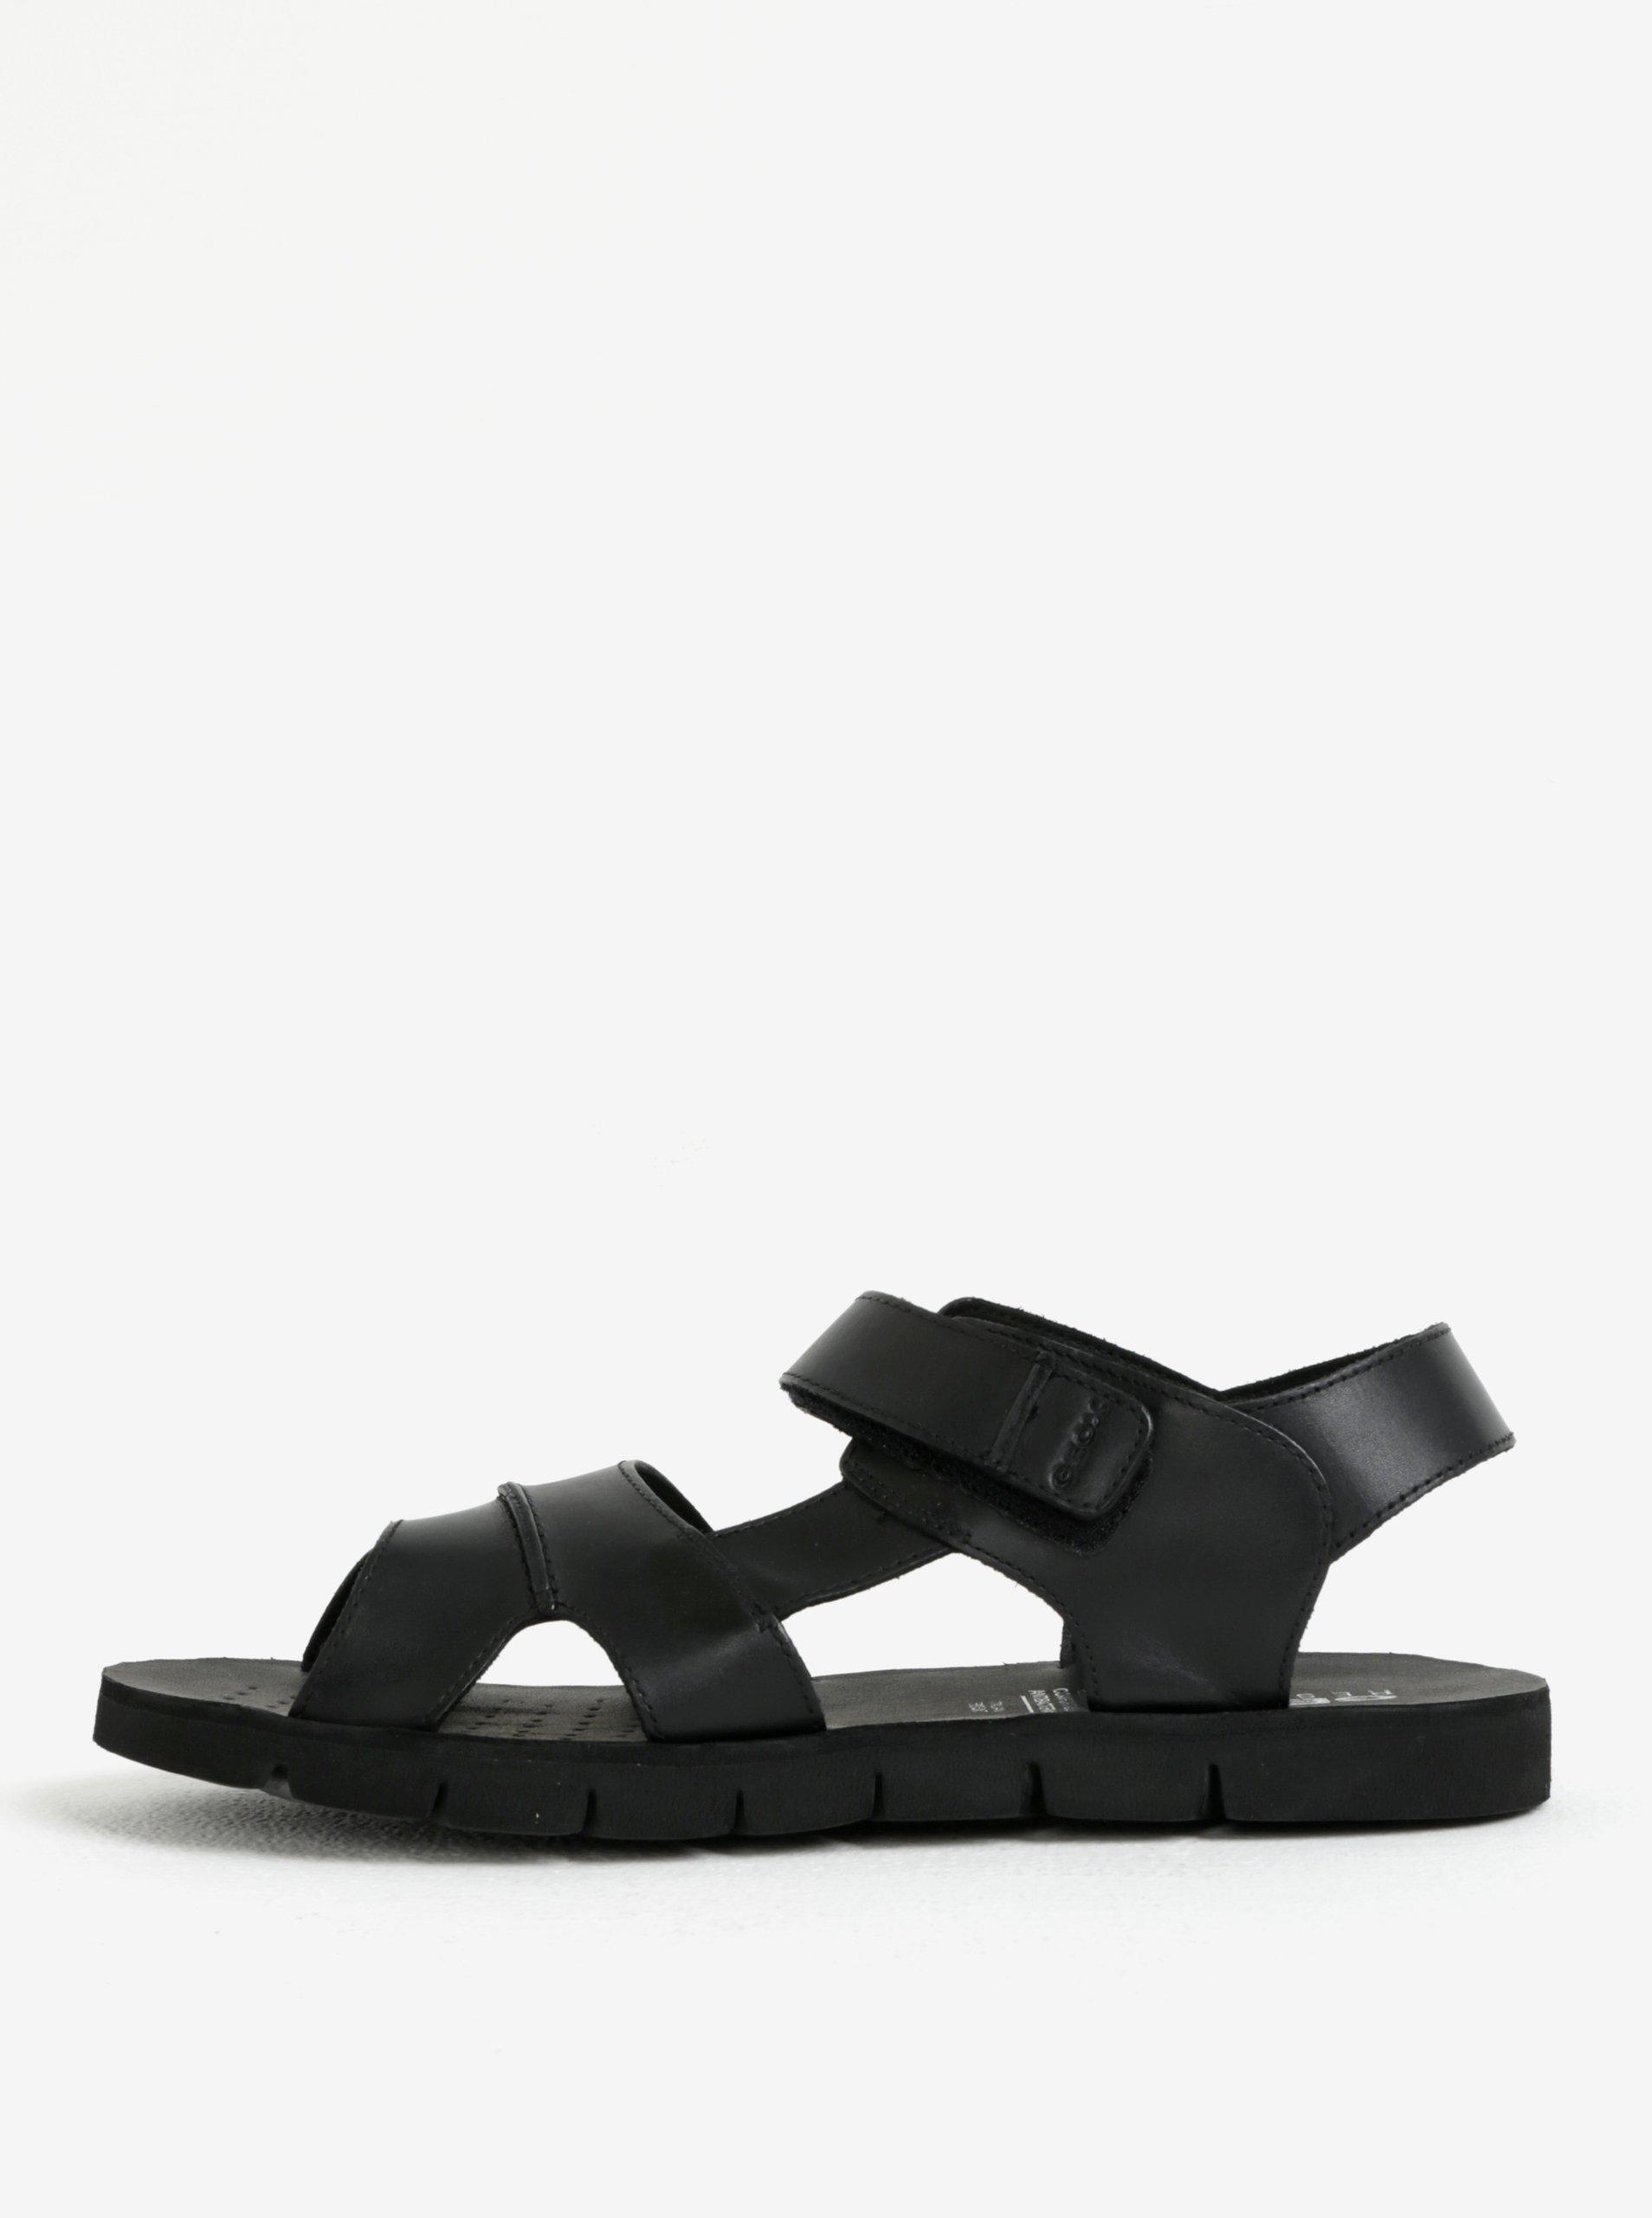 Čierne pánske kožené sandále Geox Marry Glenn 020fa3d744b